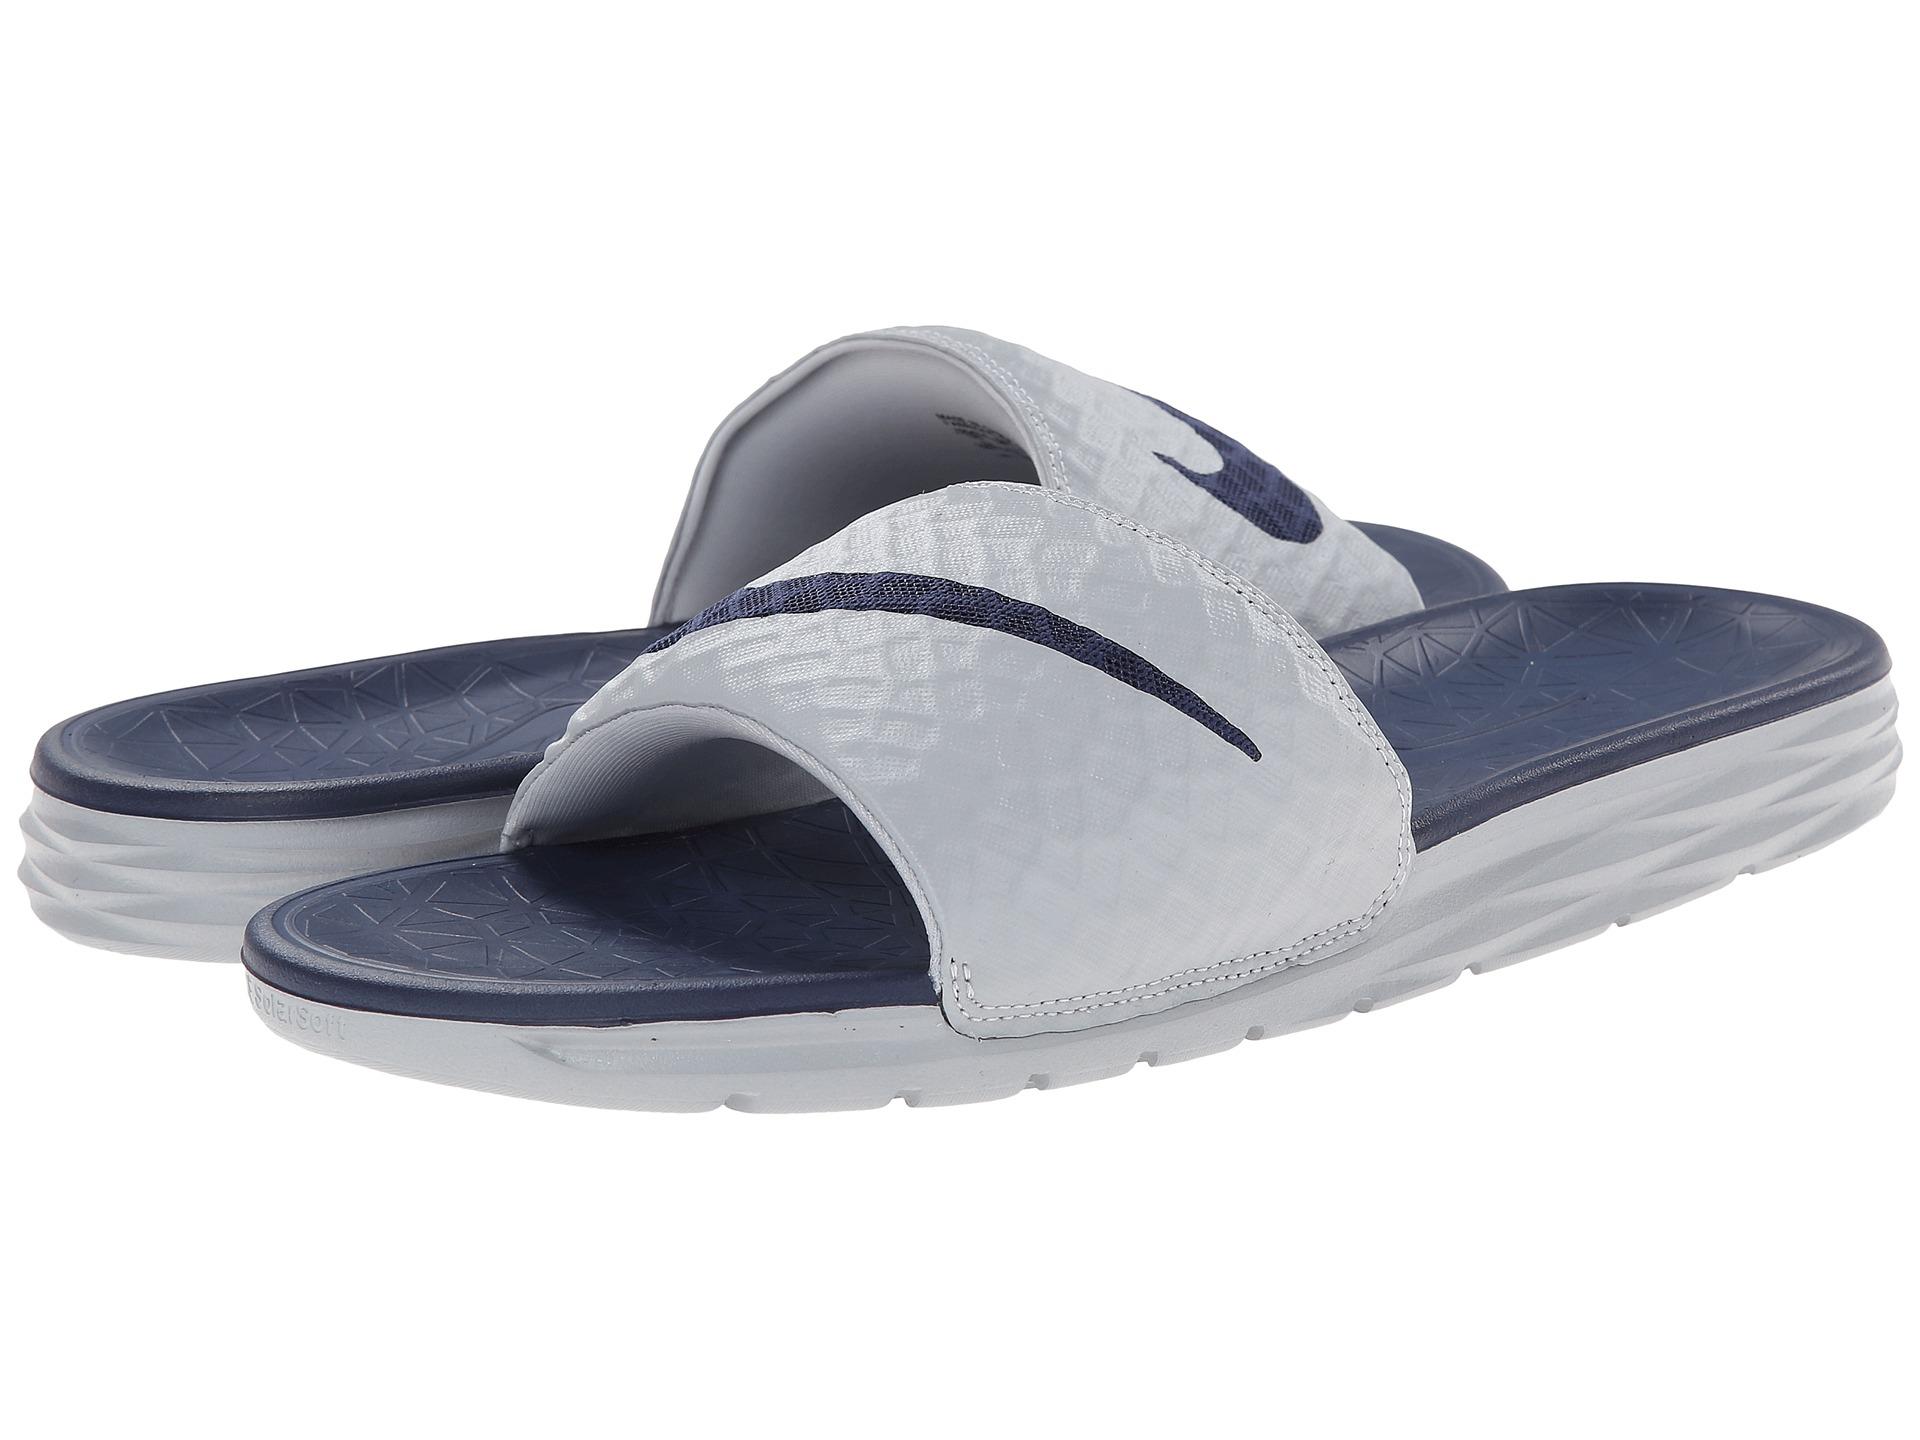 076d2309e099aa Lyst - Nike Benassi Solarsoft Slide 2 in Gray